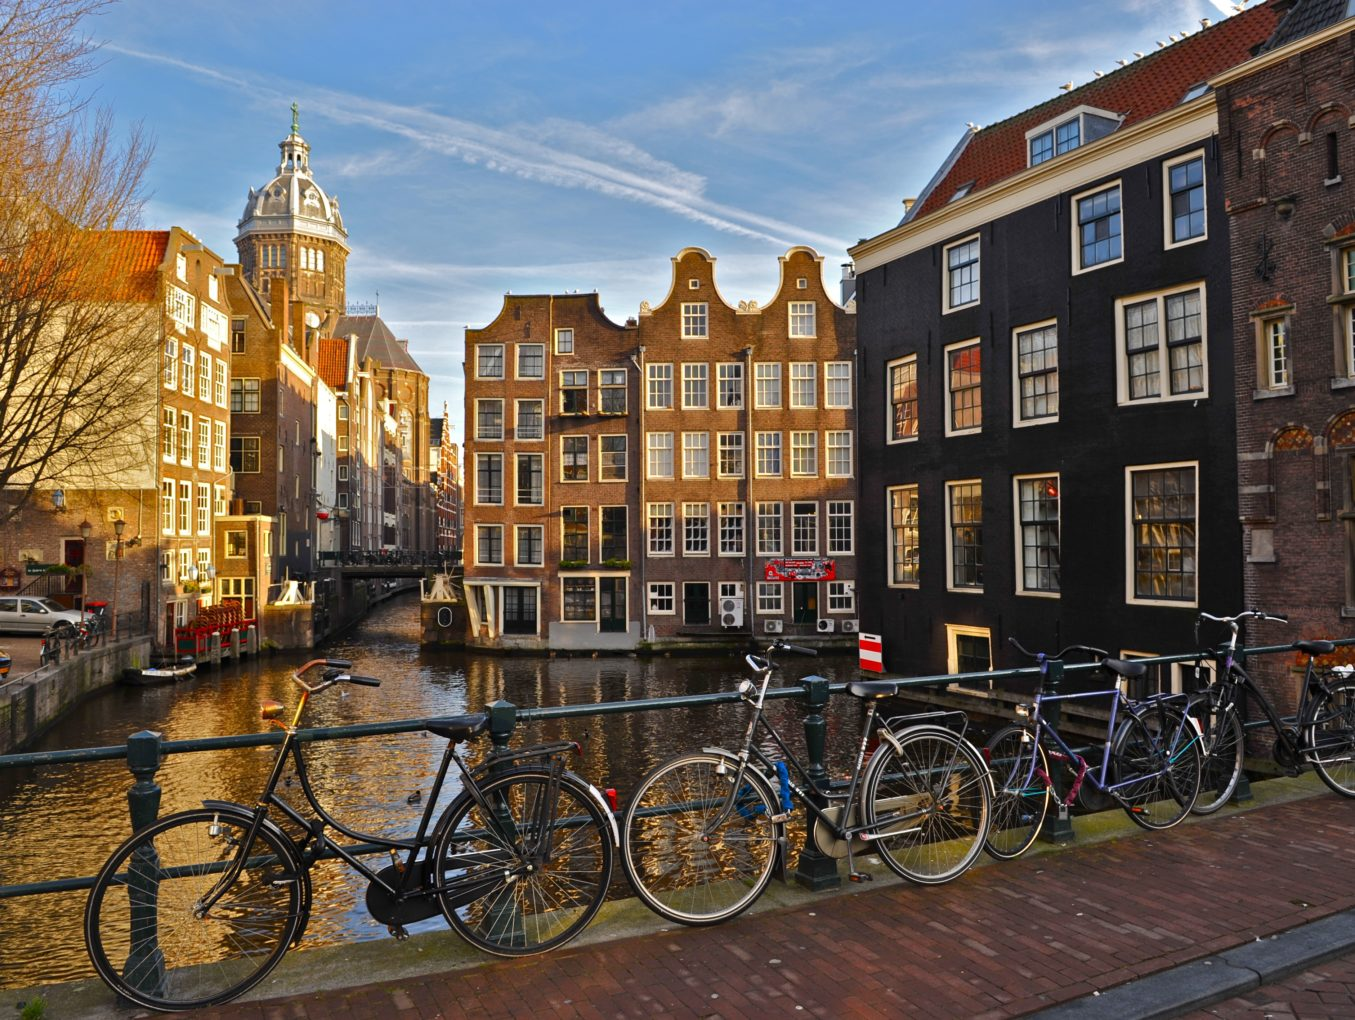 В Амстердаме запрещают экскурсии по Кварталу Красных фонарей